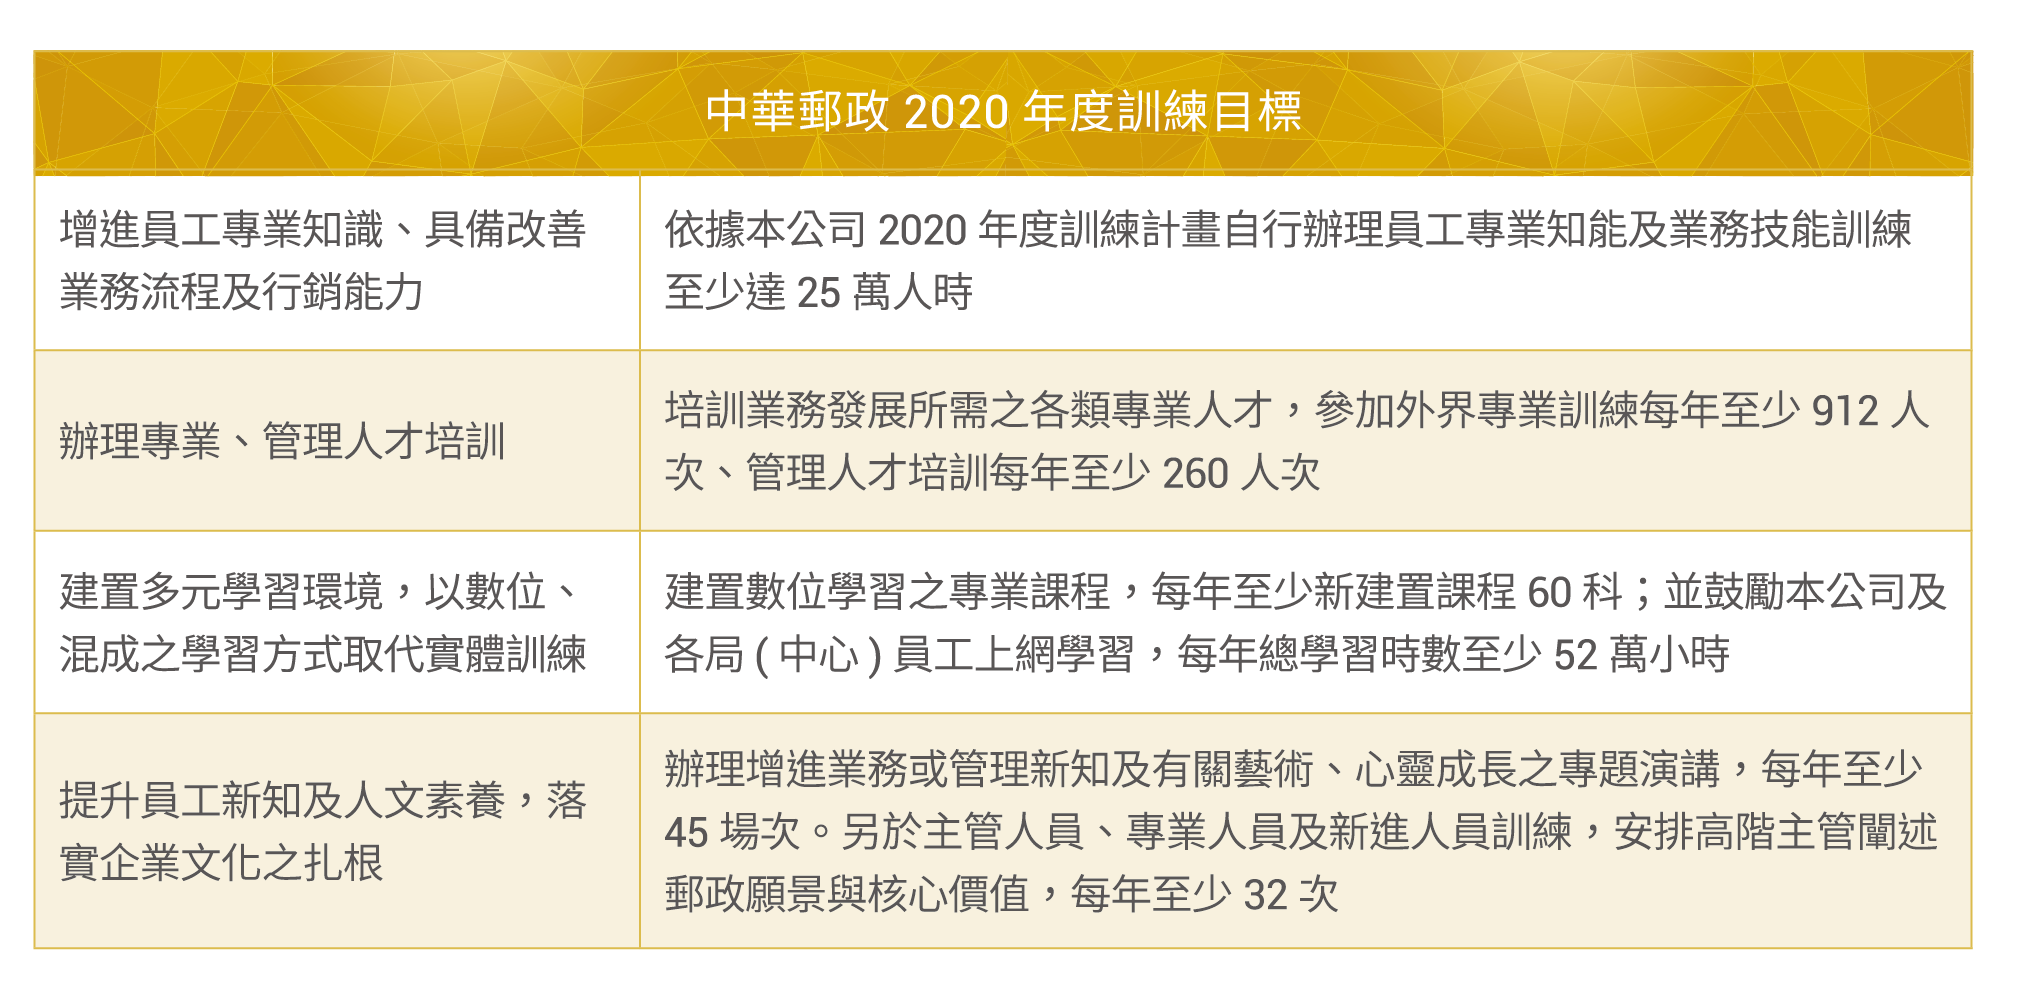 2020年度訓練目標